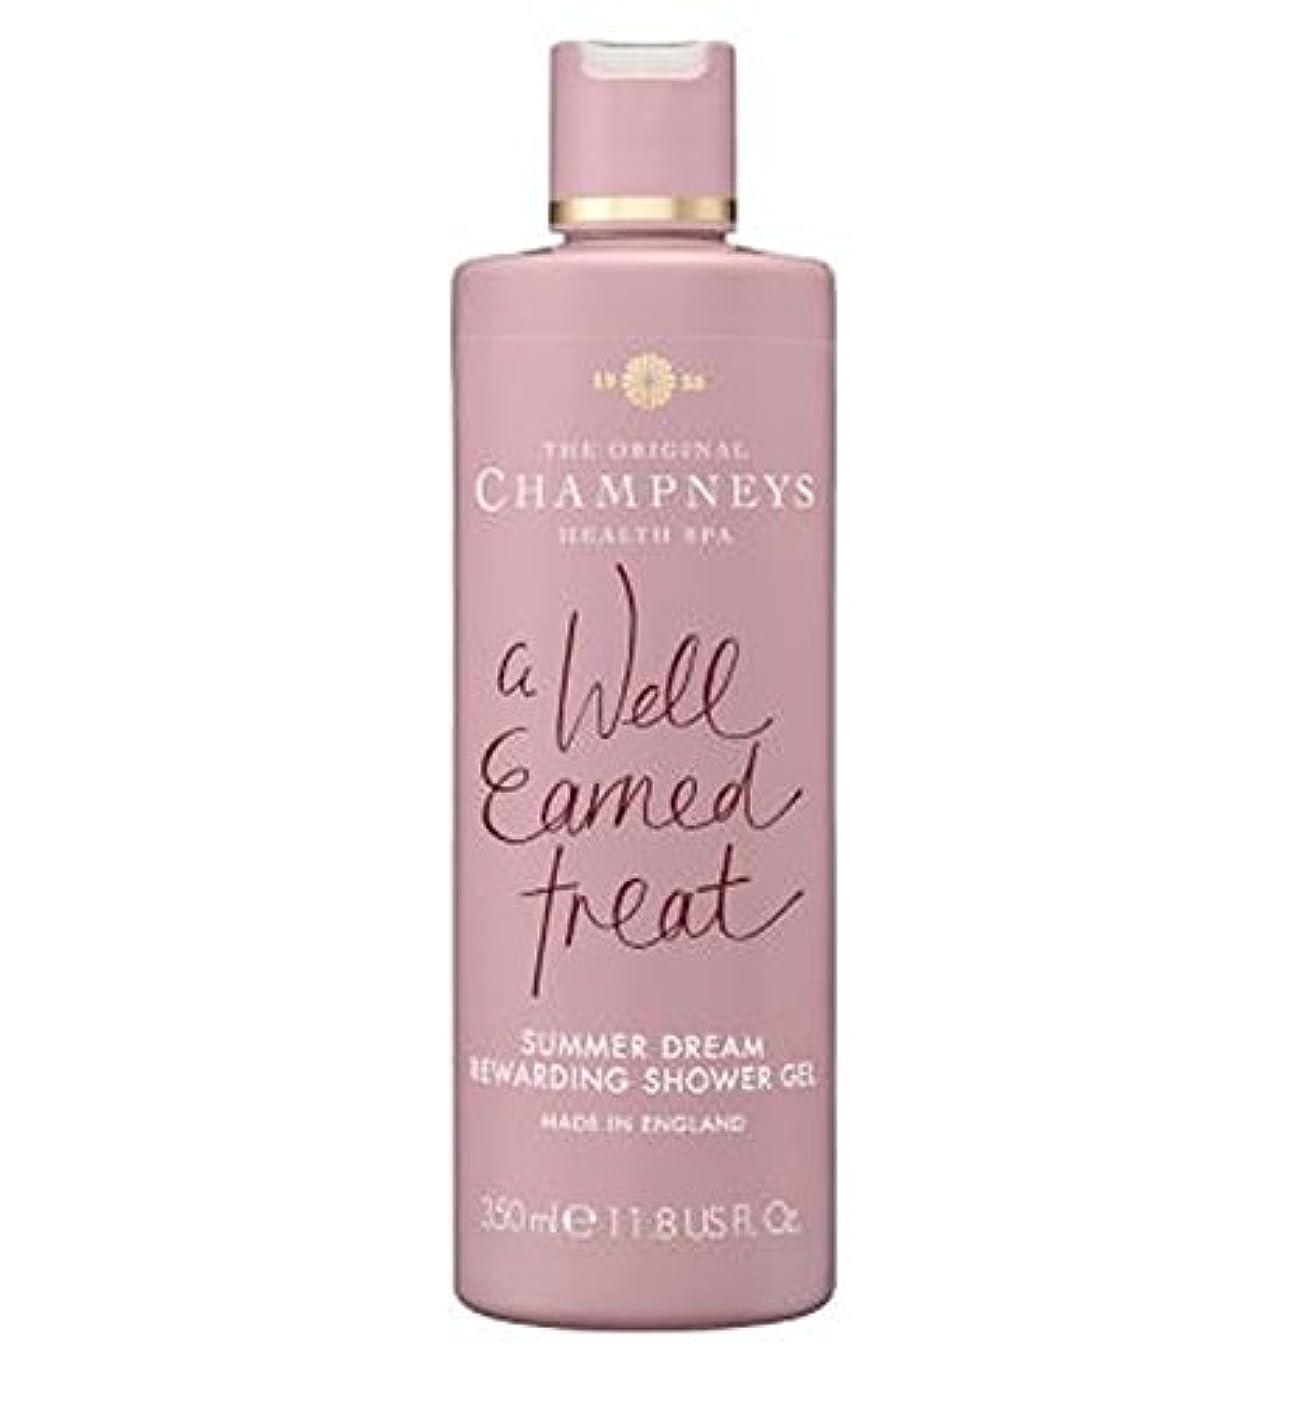 契約する成功する鎖チャンプニーズの夏の夢やりがいのシャワージェル350ミリリットル (Champneys) (x2) - Champneys Summer Dream Rewarding Shower Gel 350ml (Pack of 2) [並行輸入品]